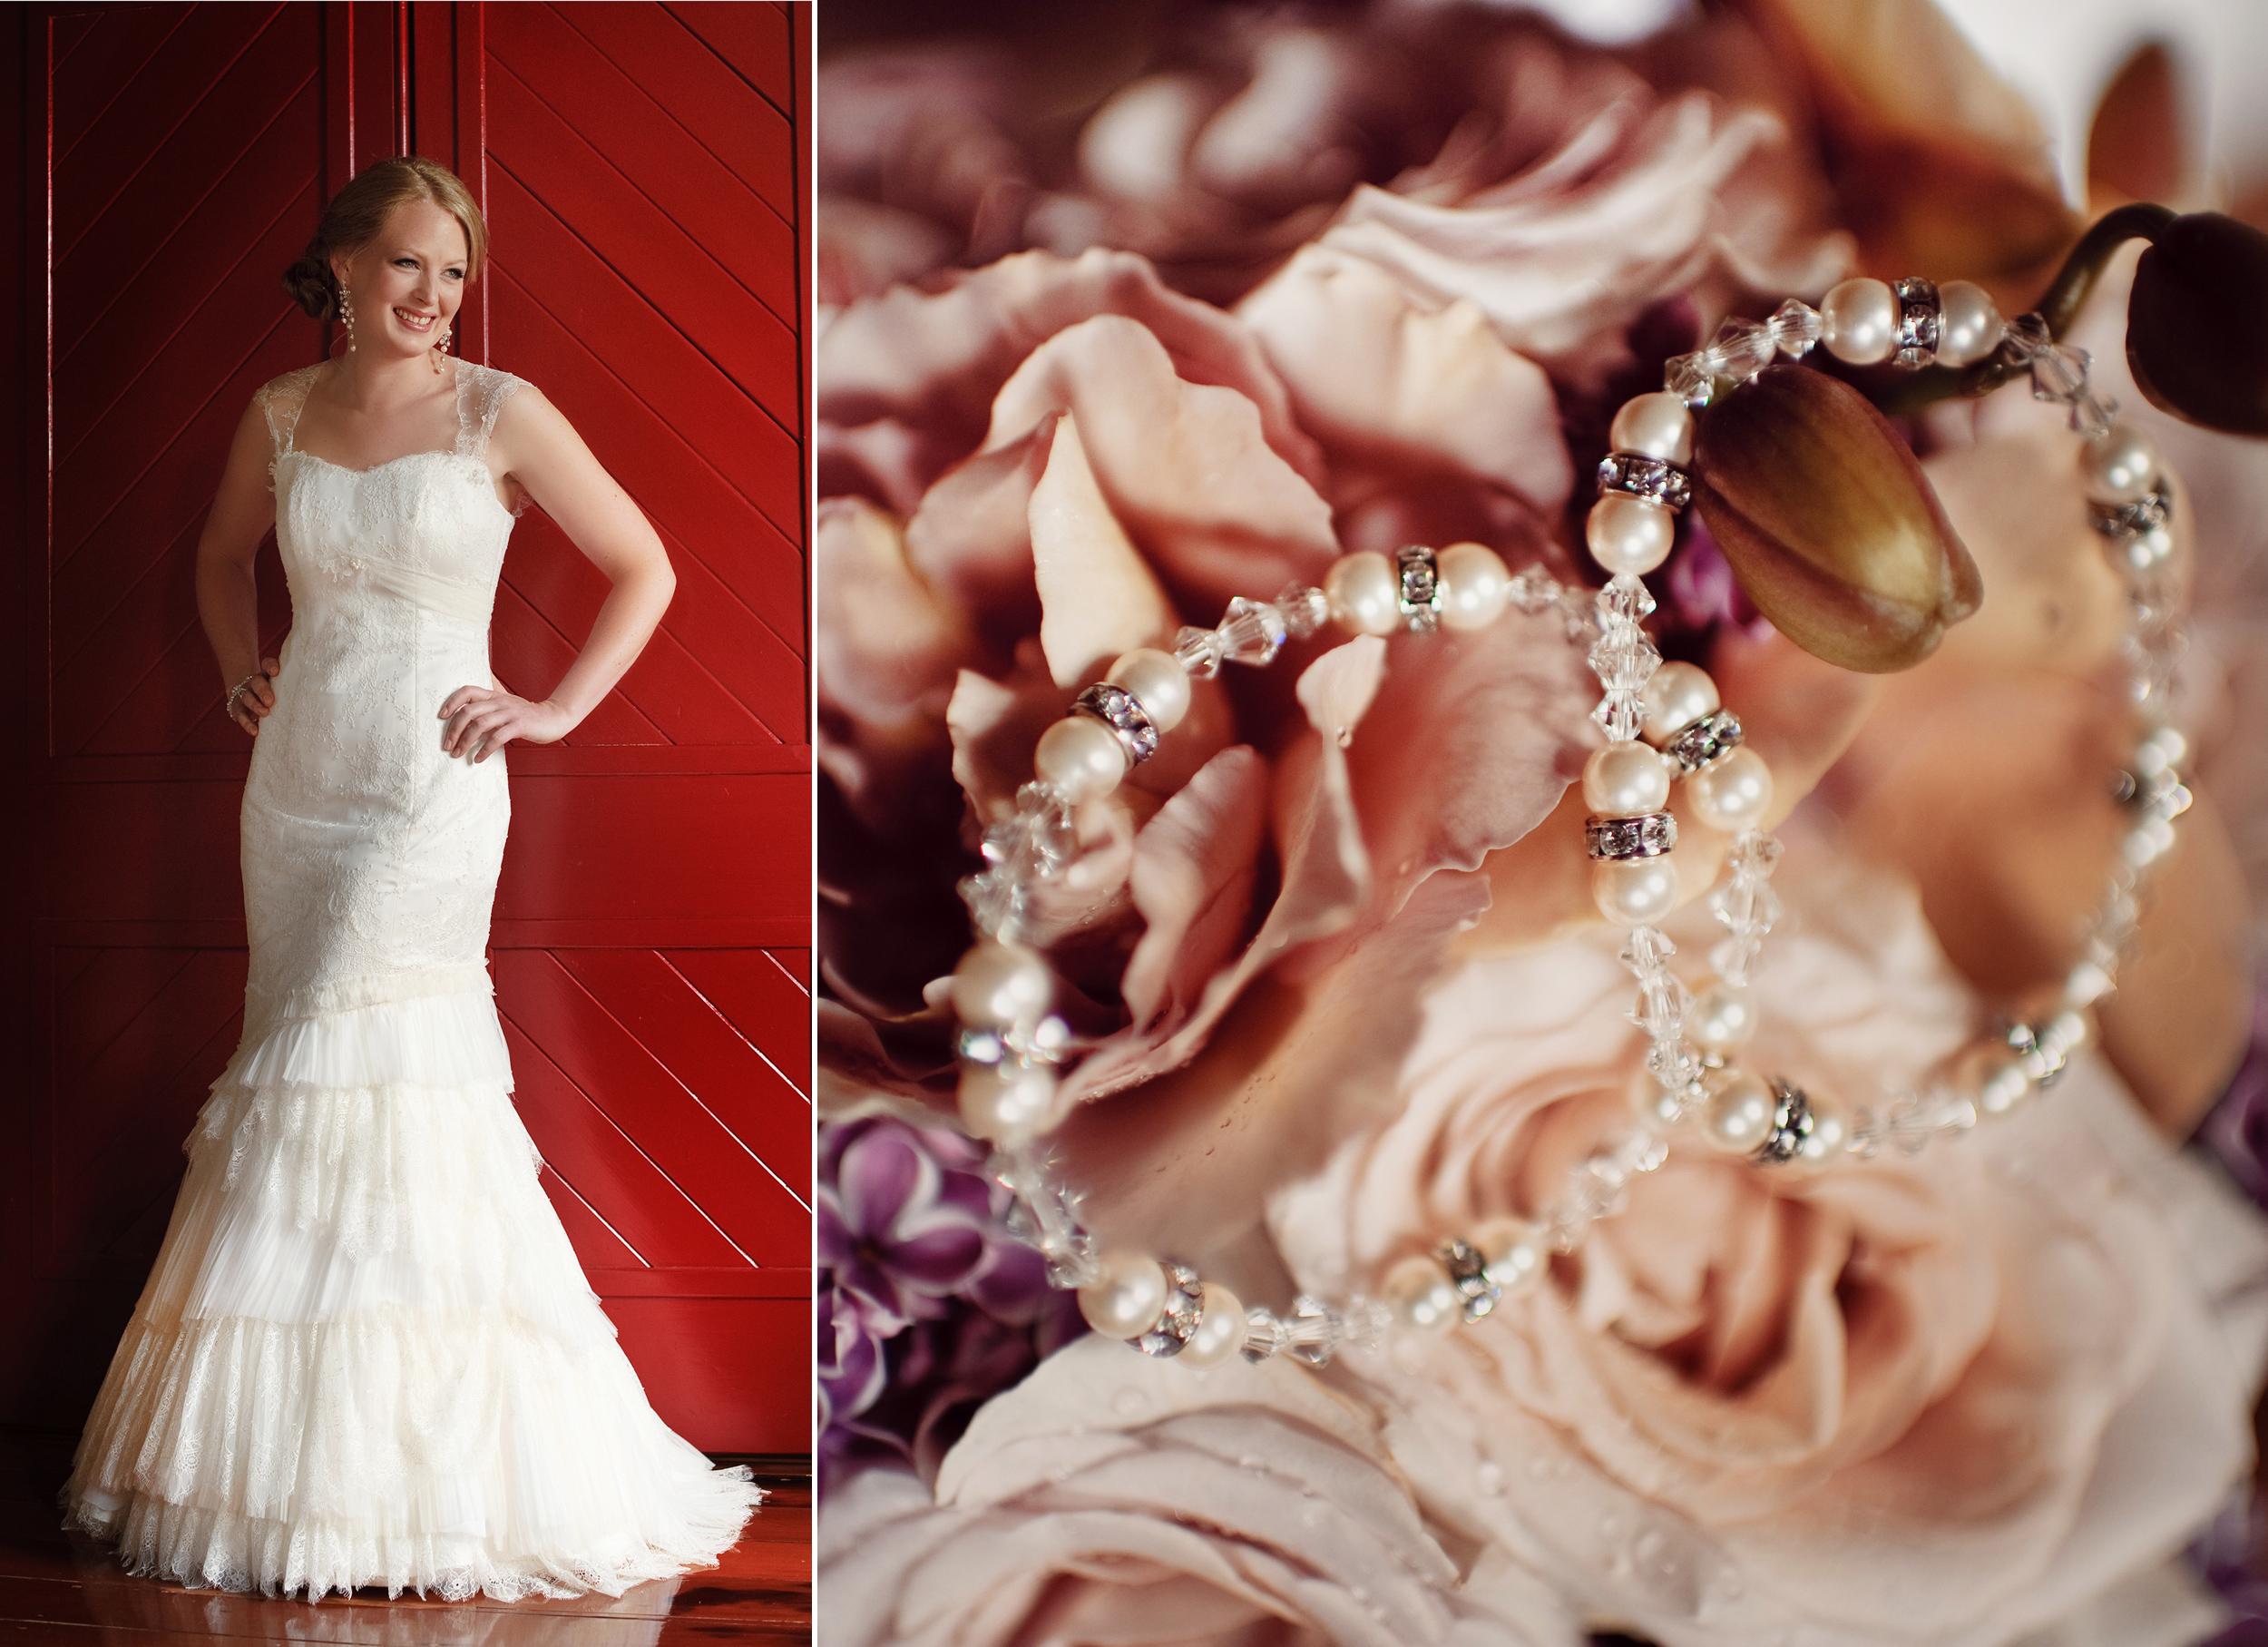 euroa_butter_factory_wedding_photography_56.jpg